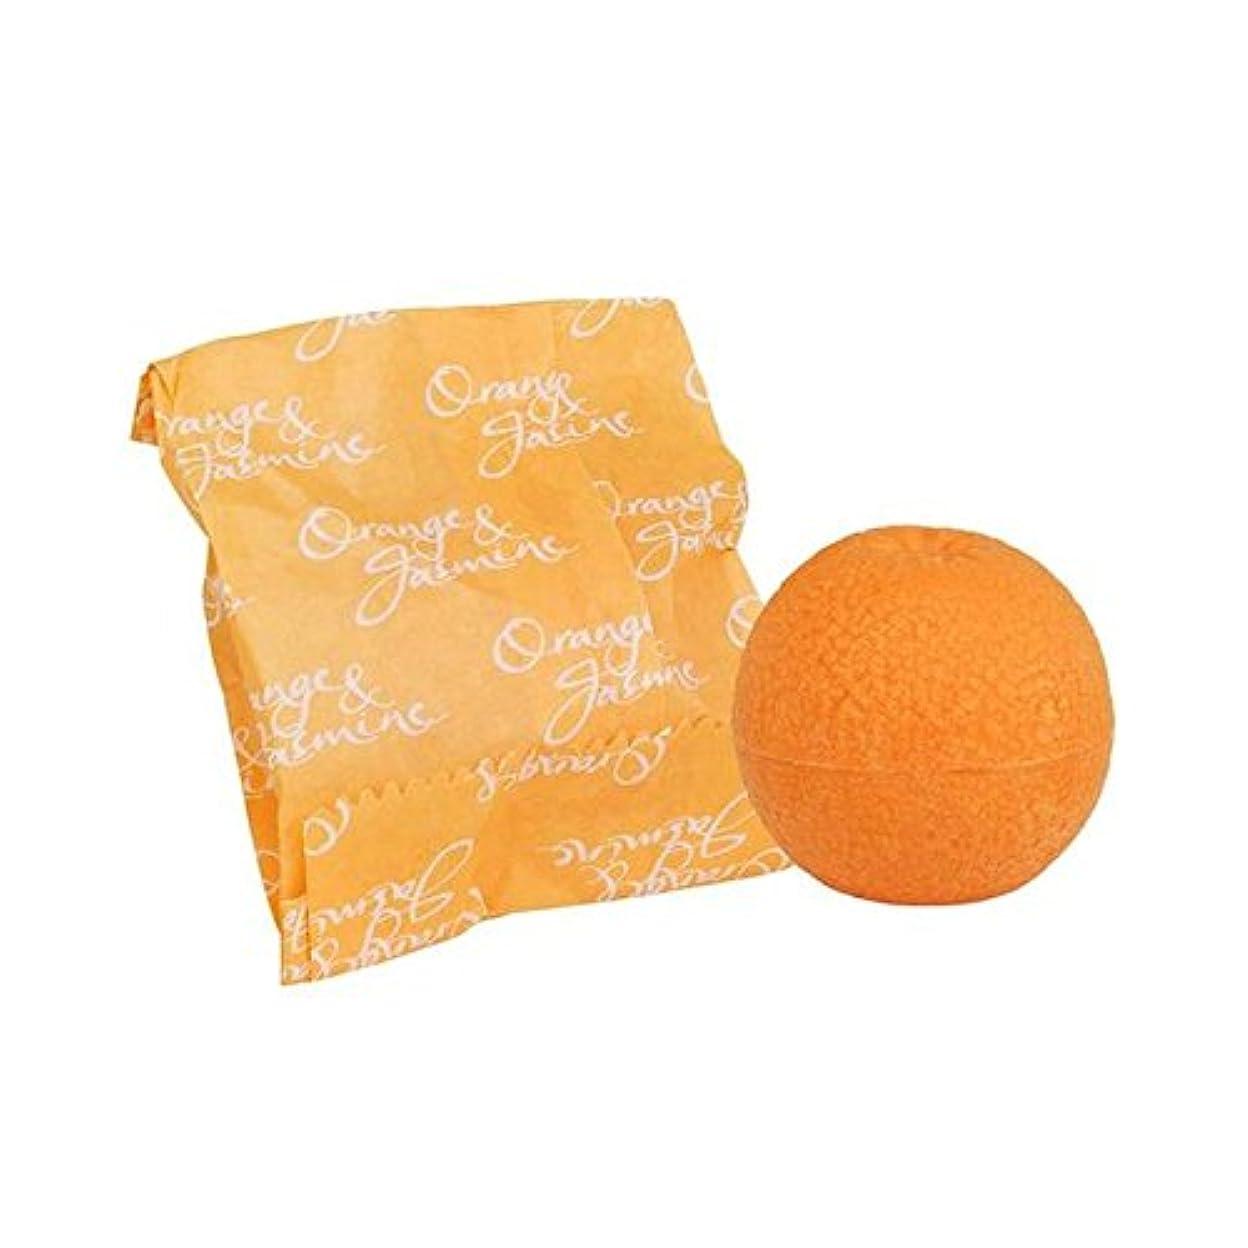 冒険動員するサイズBronnley Orange & Jasmine Soap 100g (Pack of 6) - オレンジ&ジャスミン石鹸100グラム x6 [並行輸入品]